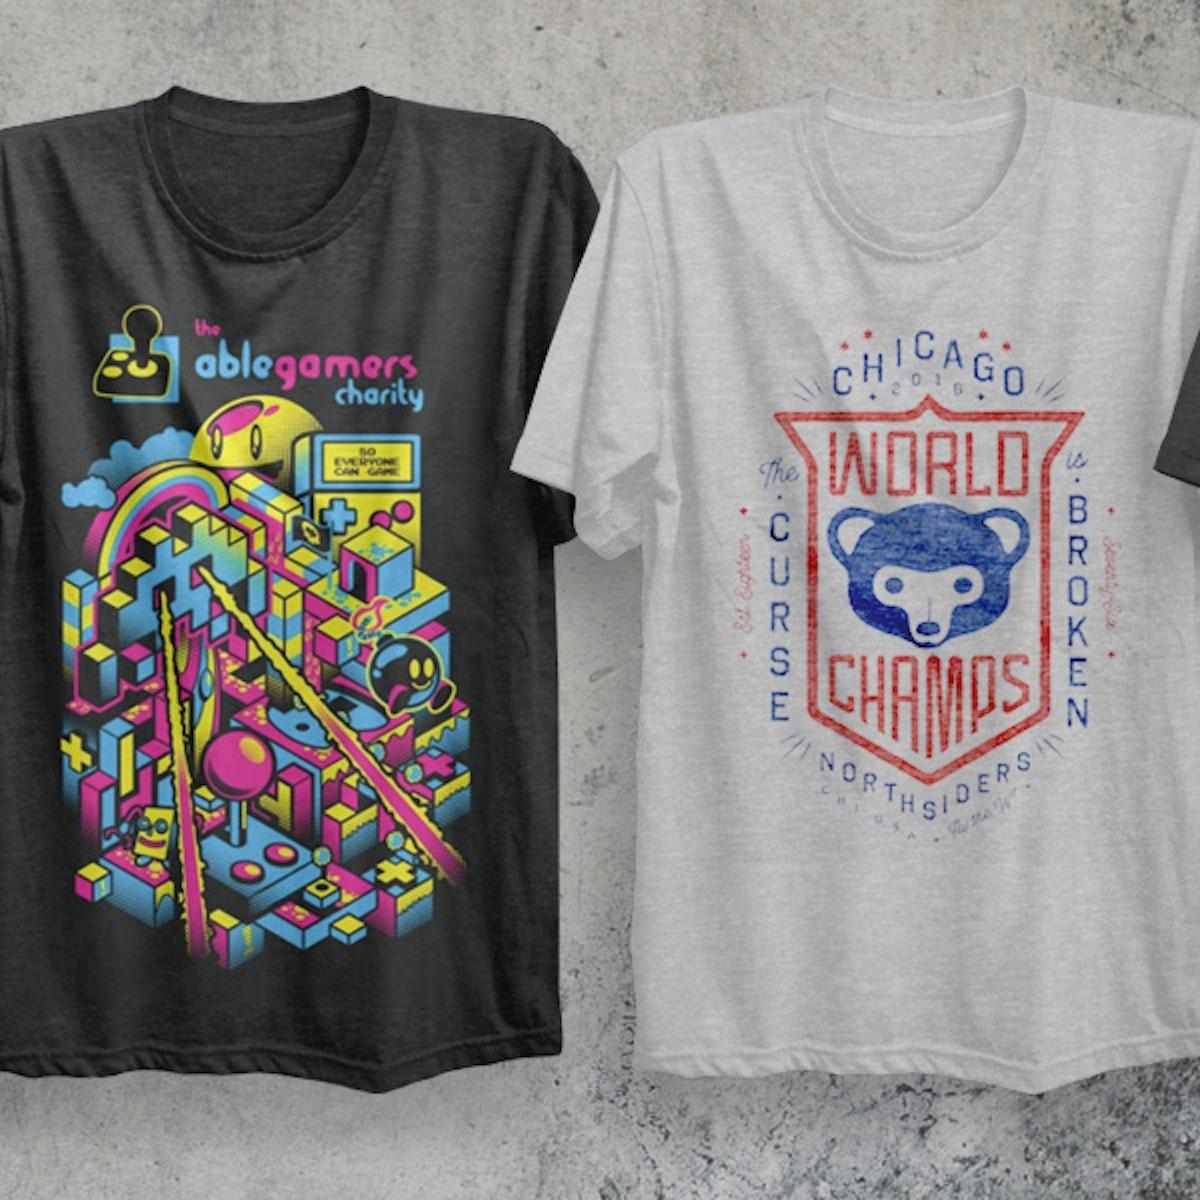 28c2a3146 50 t-shirt design ideas that won t wear out - 99designs